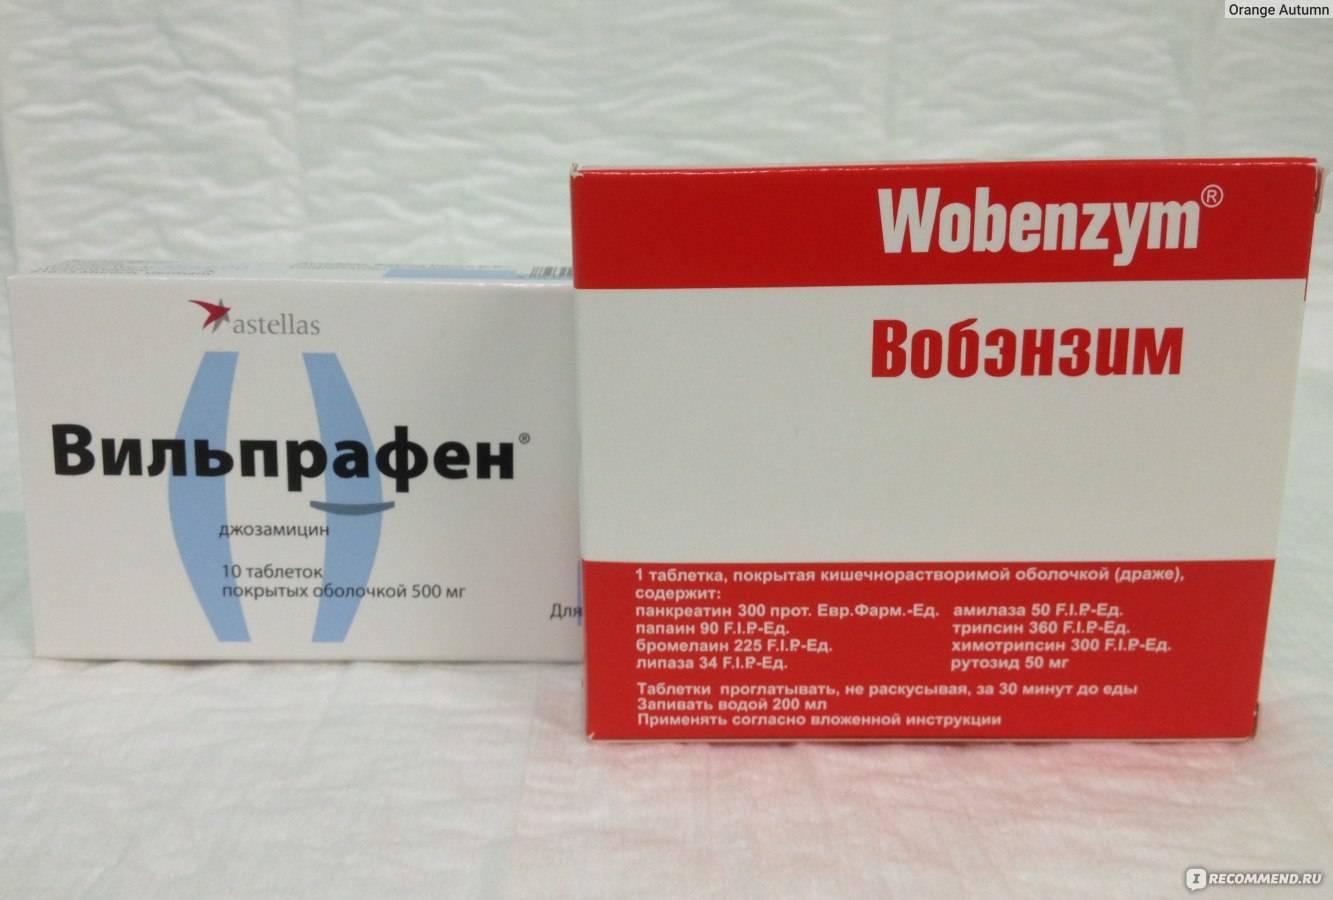 С помощью каких антибиотиков лечат уреаплазму?